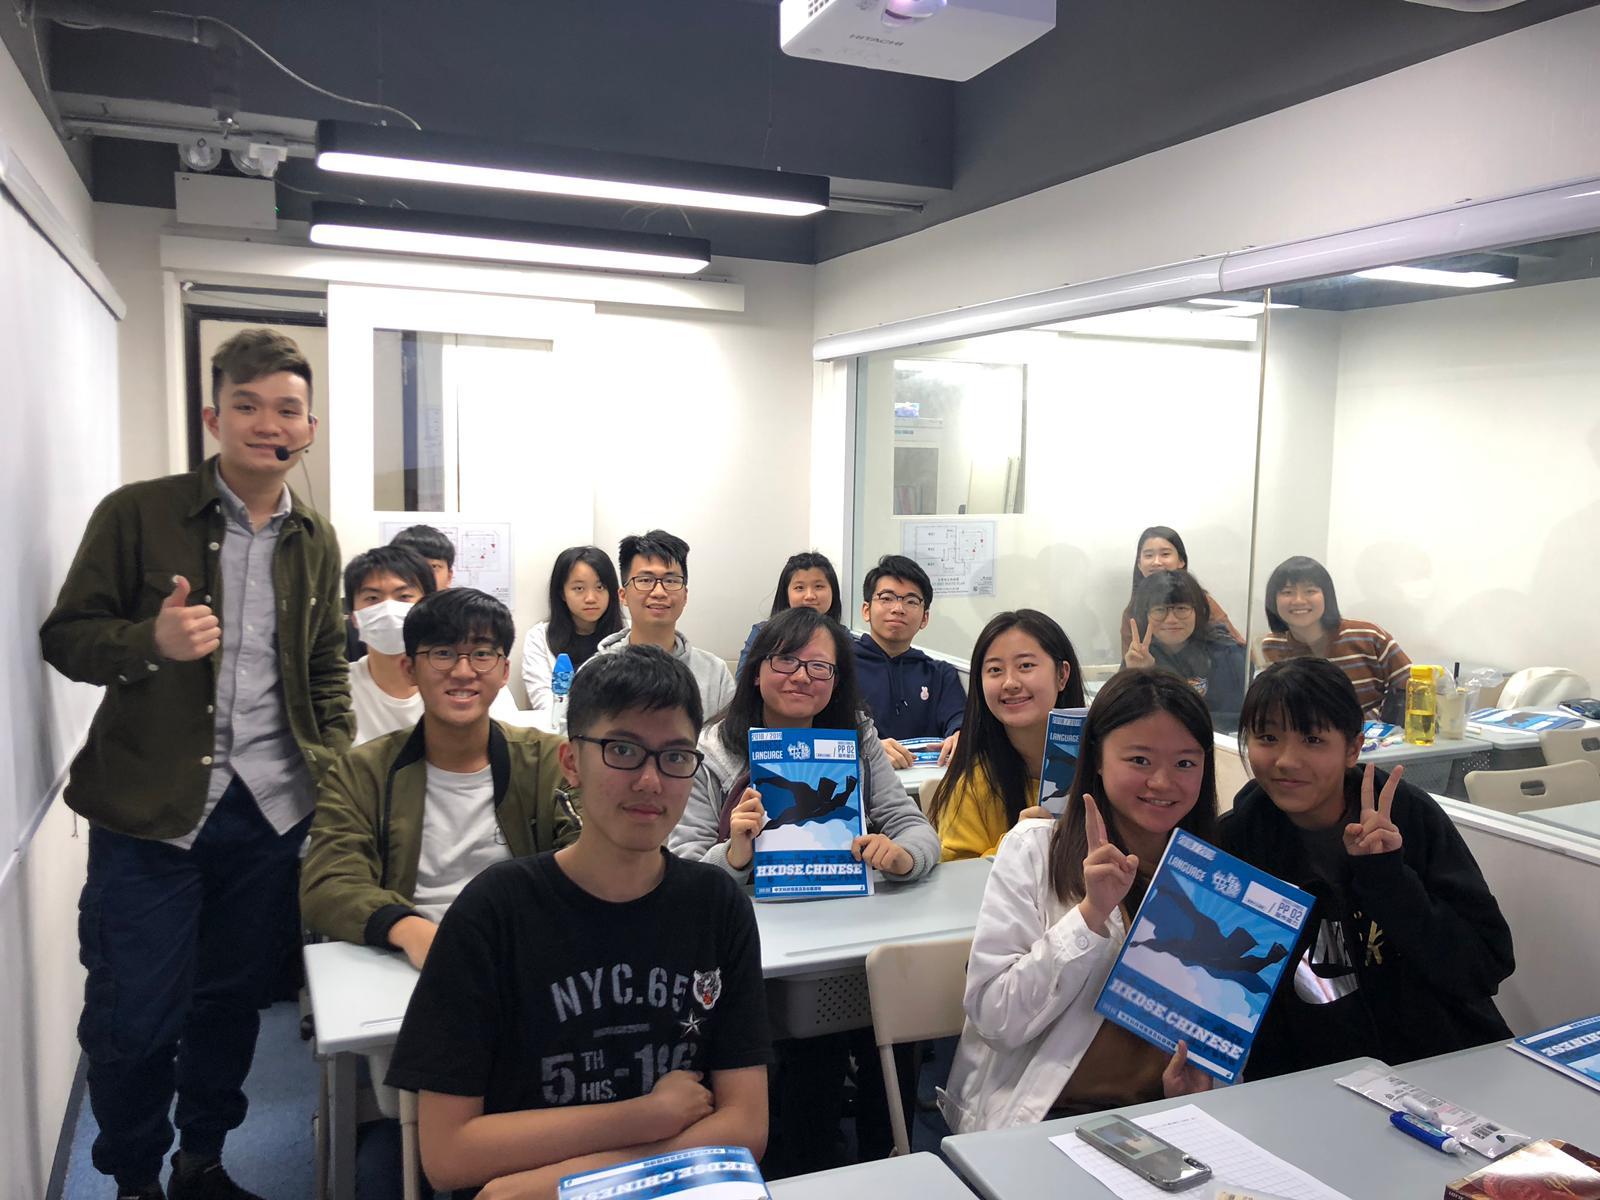 【中文補習】DSE中文狂熱課堂實況 - 2019 DSE 中六班 CLASS A合照